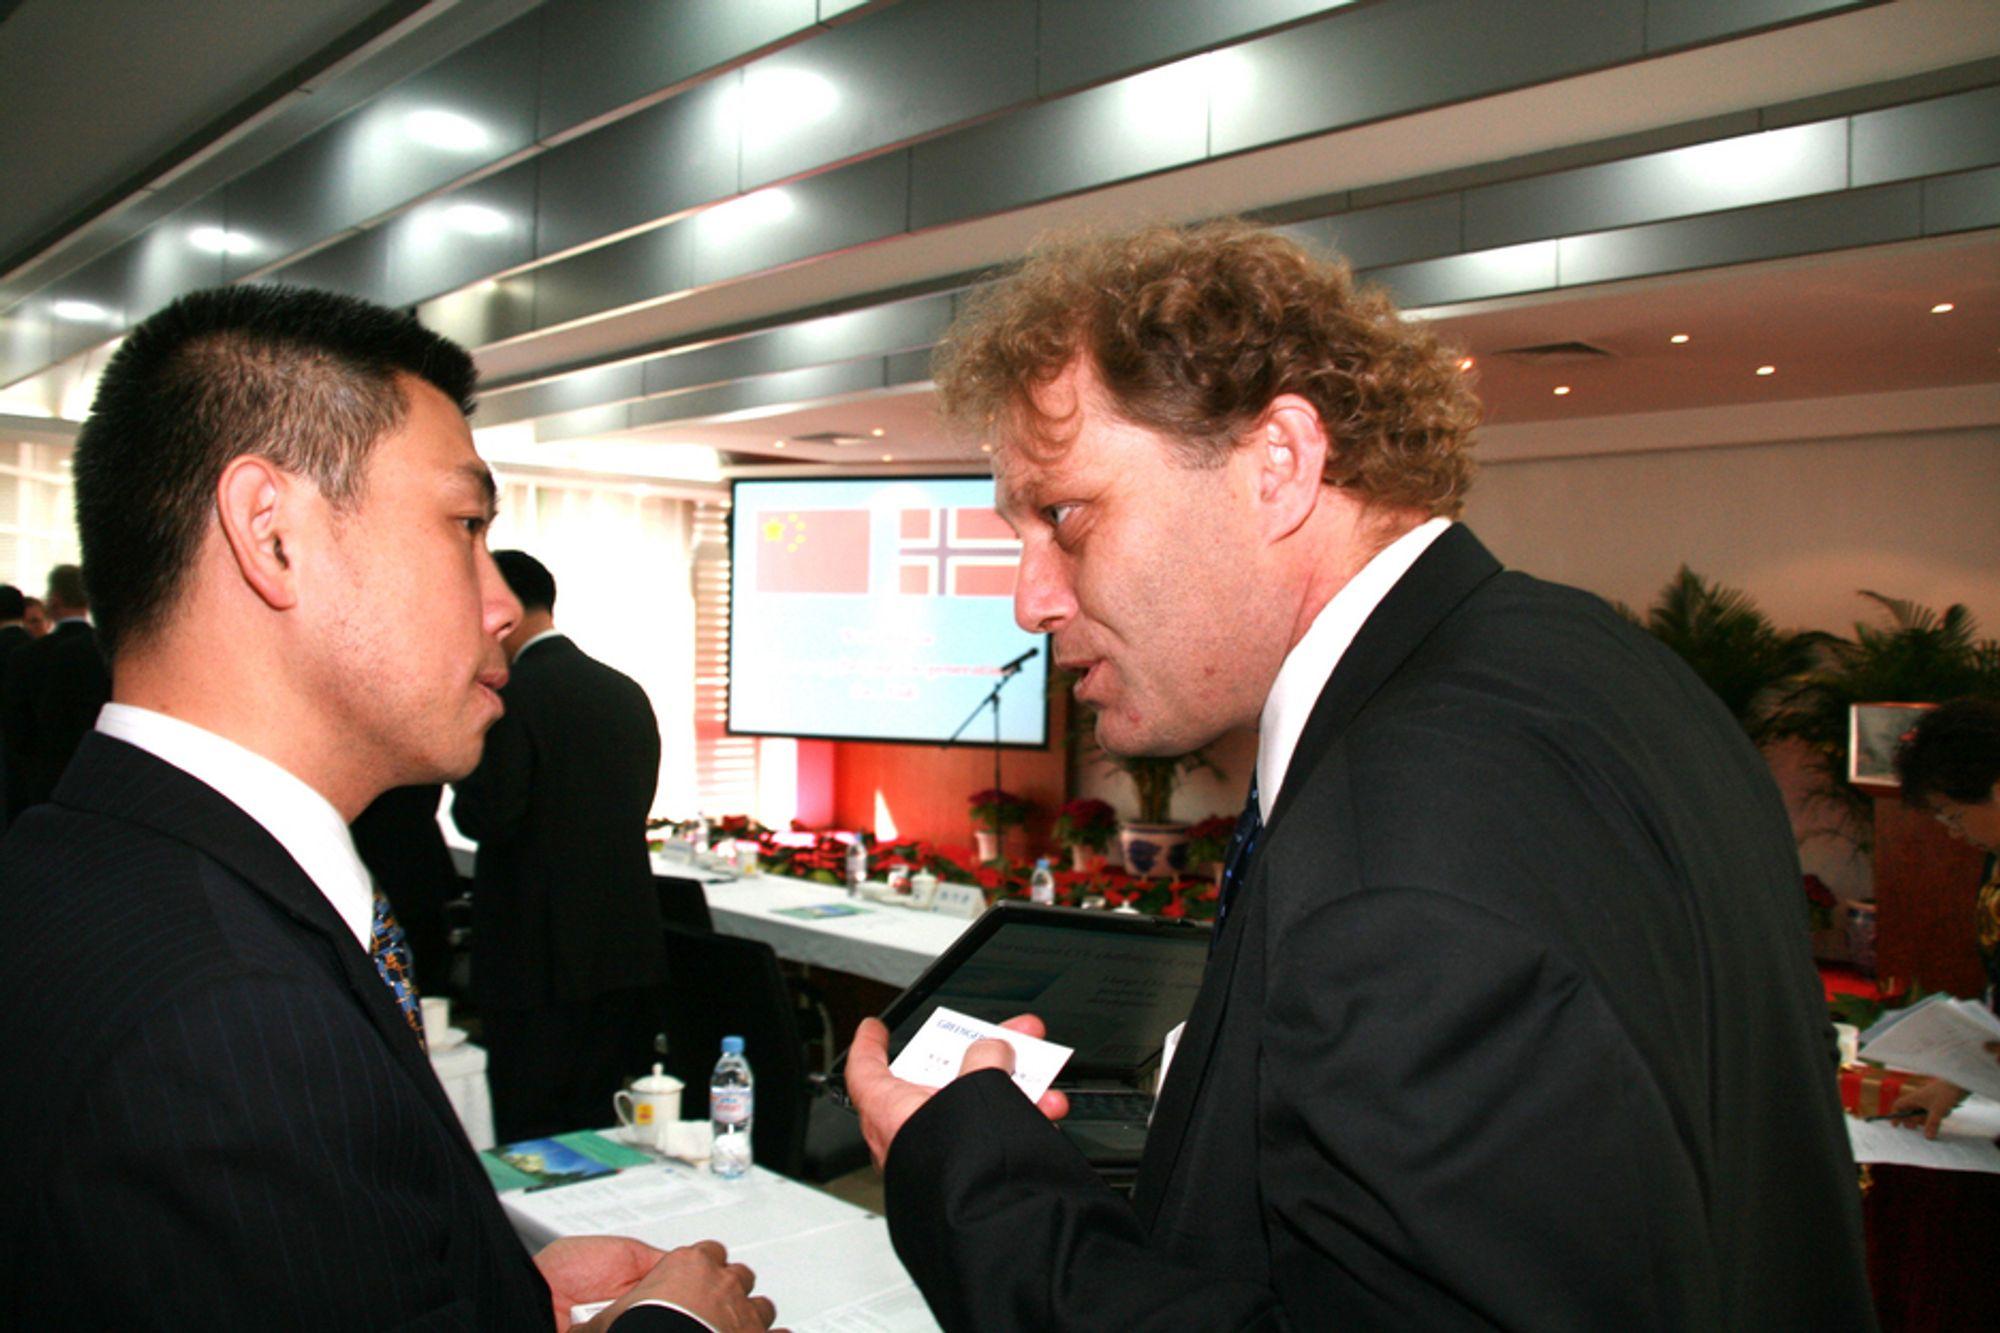 VIKTIG MANN: Wenbin Su er ifølge Bellonaleder Frederic Hauge verdens viktigste mann. Wenbin leder Greengen, organisasjonen som skal rense kullkraftverk i Kina.